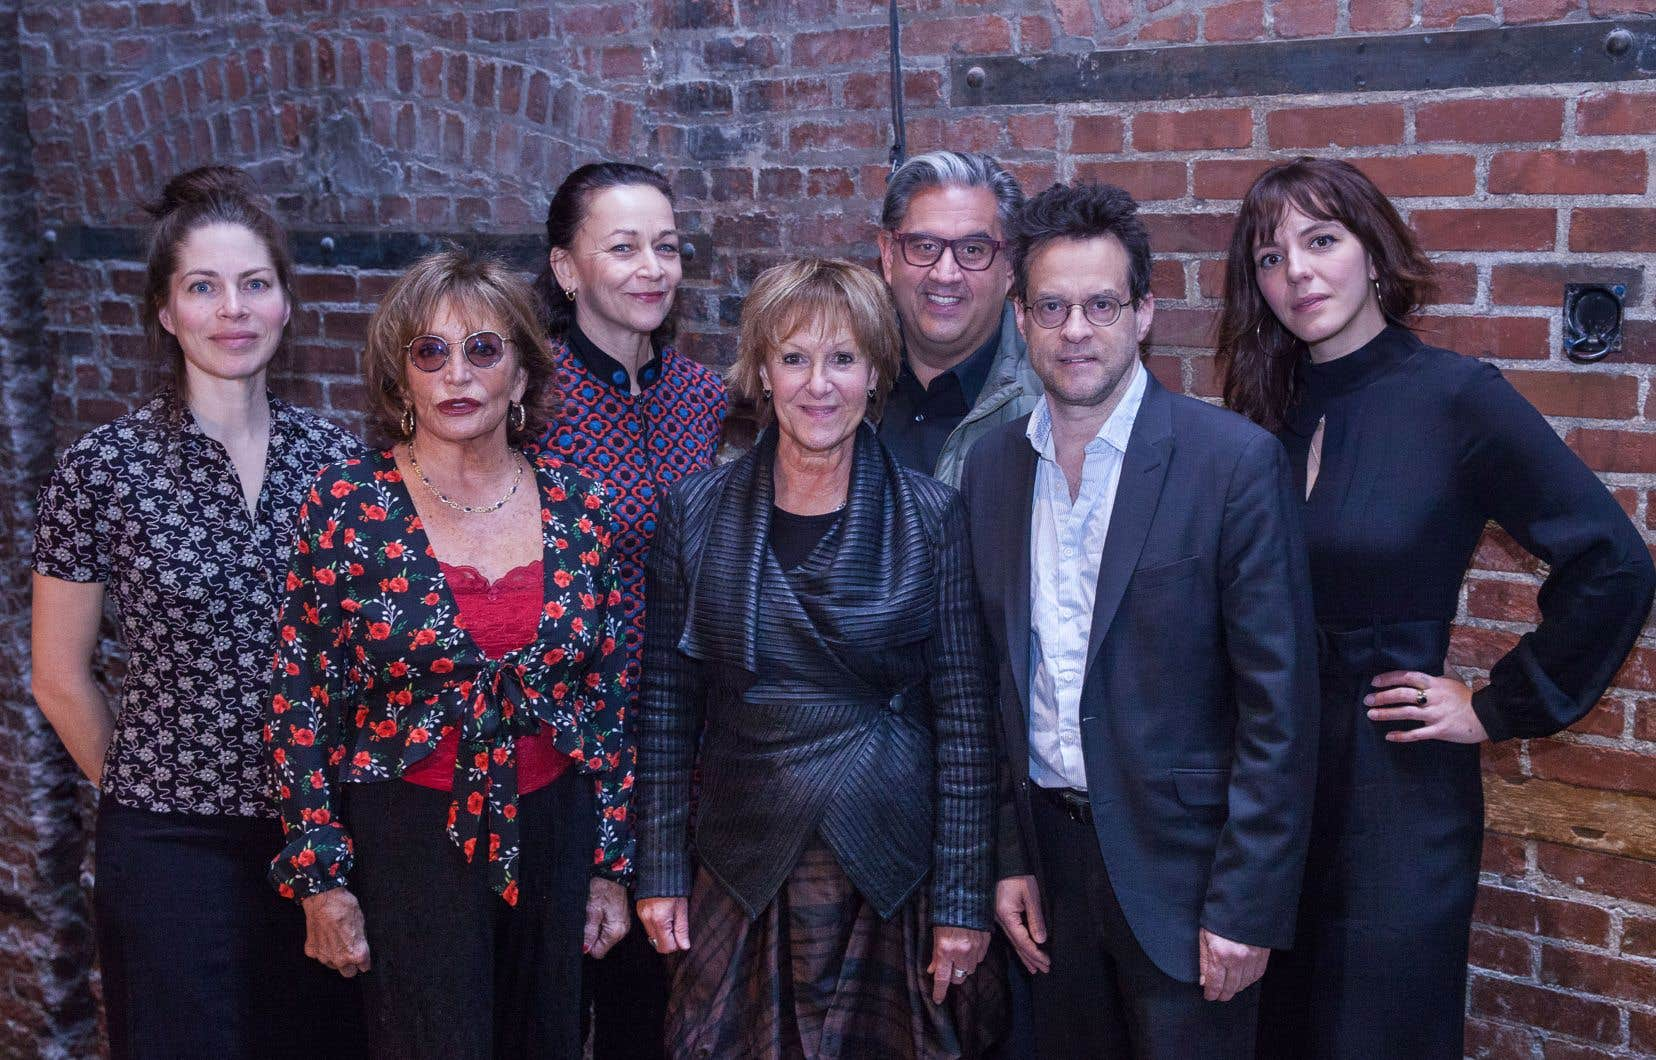 Noémie Godin-Vigneau, Louise Marleau, Sylvie Drapeau, Lorraine Pintal, Marc Hervieux, Alexis Martin et Monia Chokri